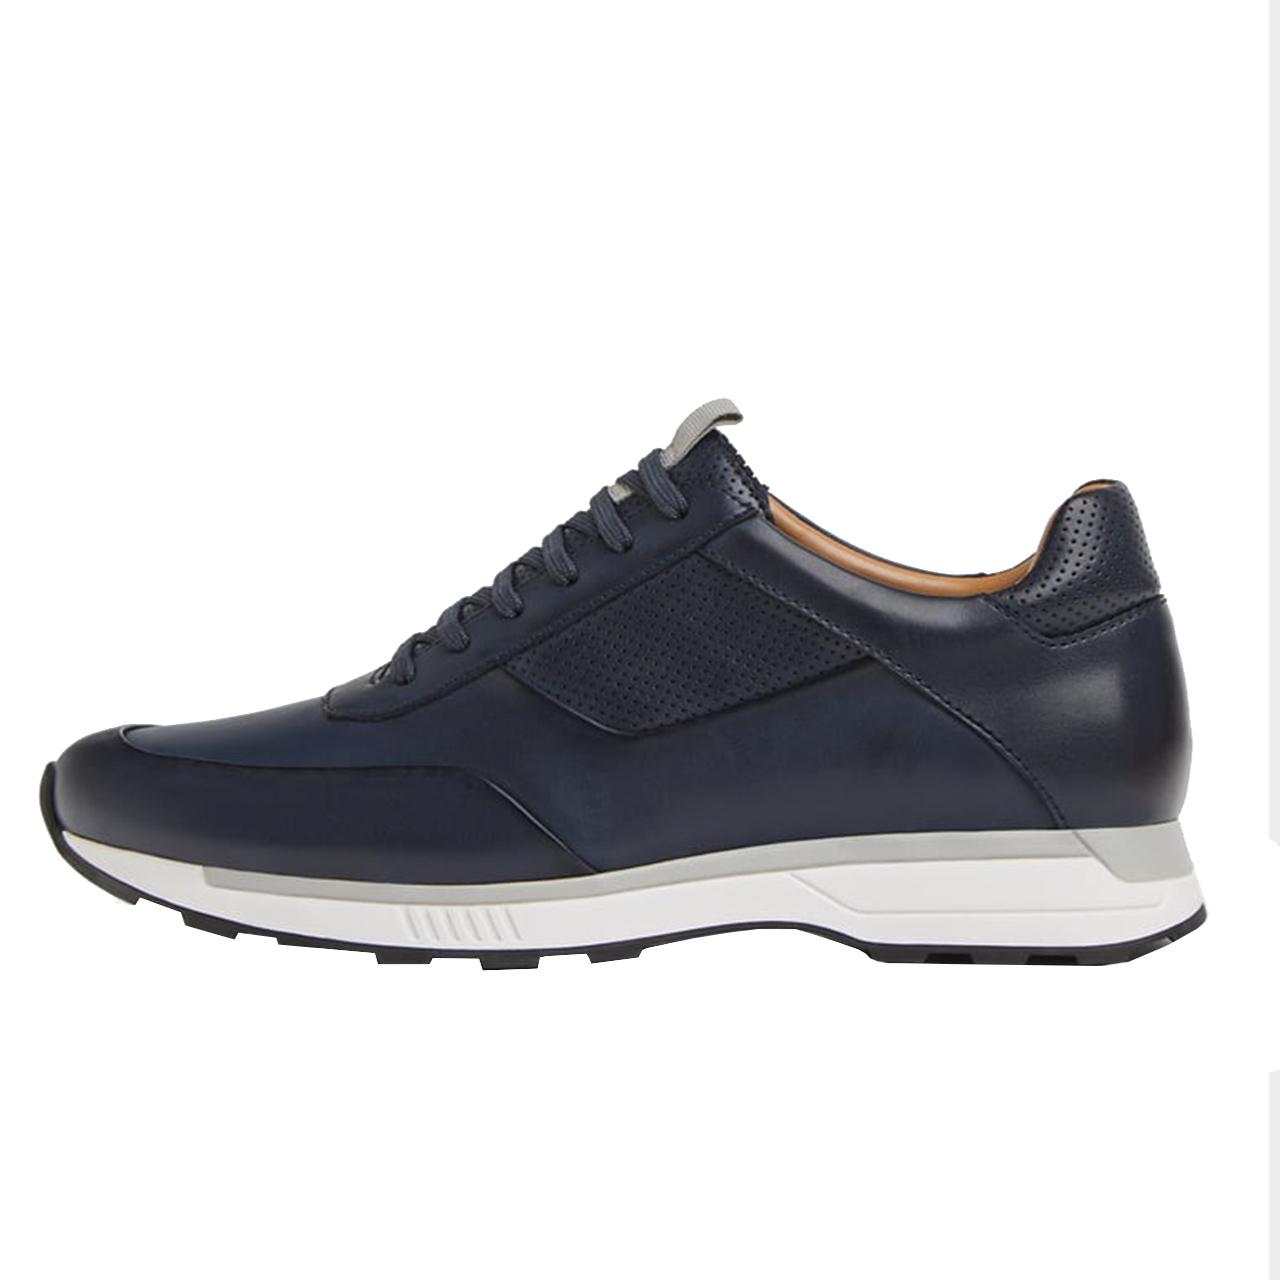 کفش مردانه زارا مدل  2245/002